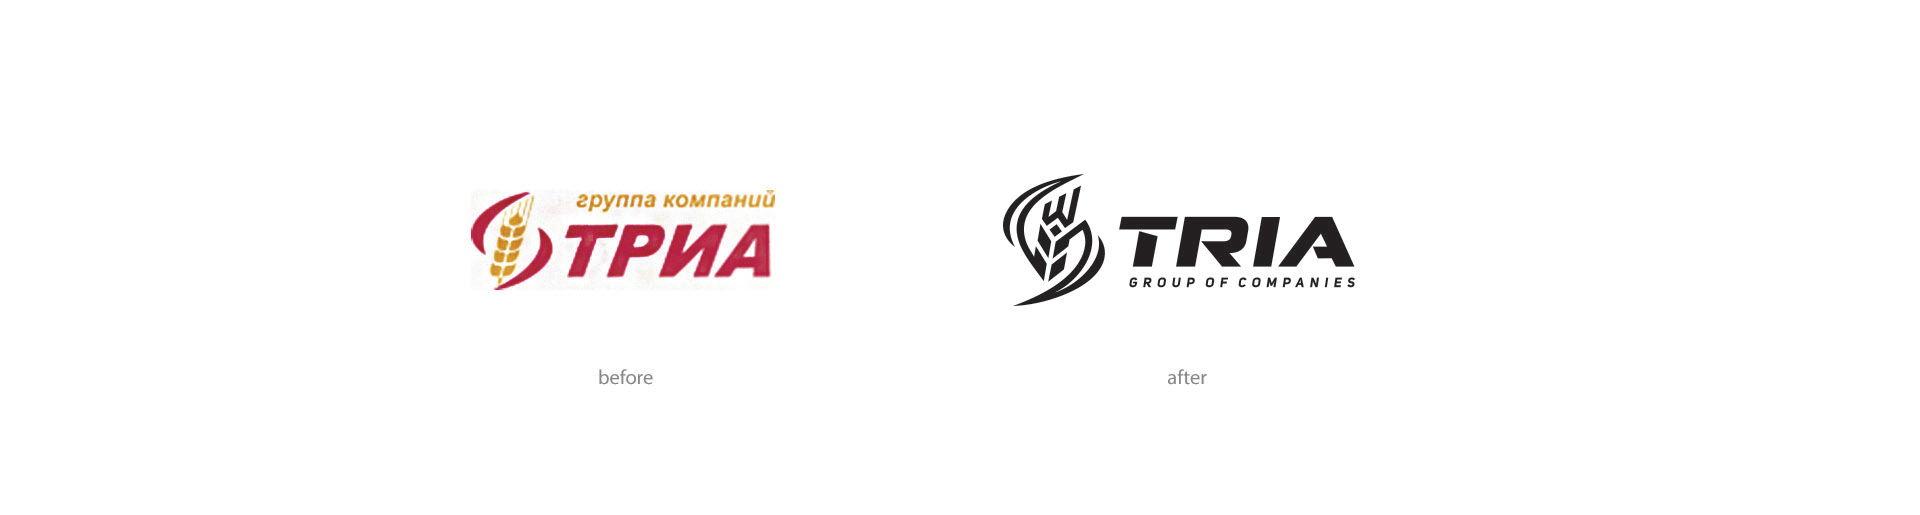 Разработка логотипа сельскохозяйственной компании, Agro logo design